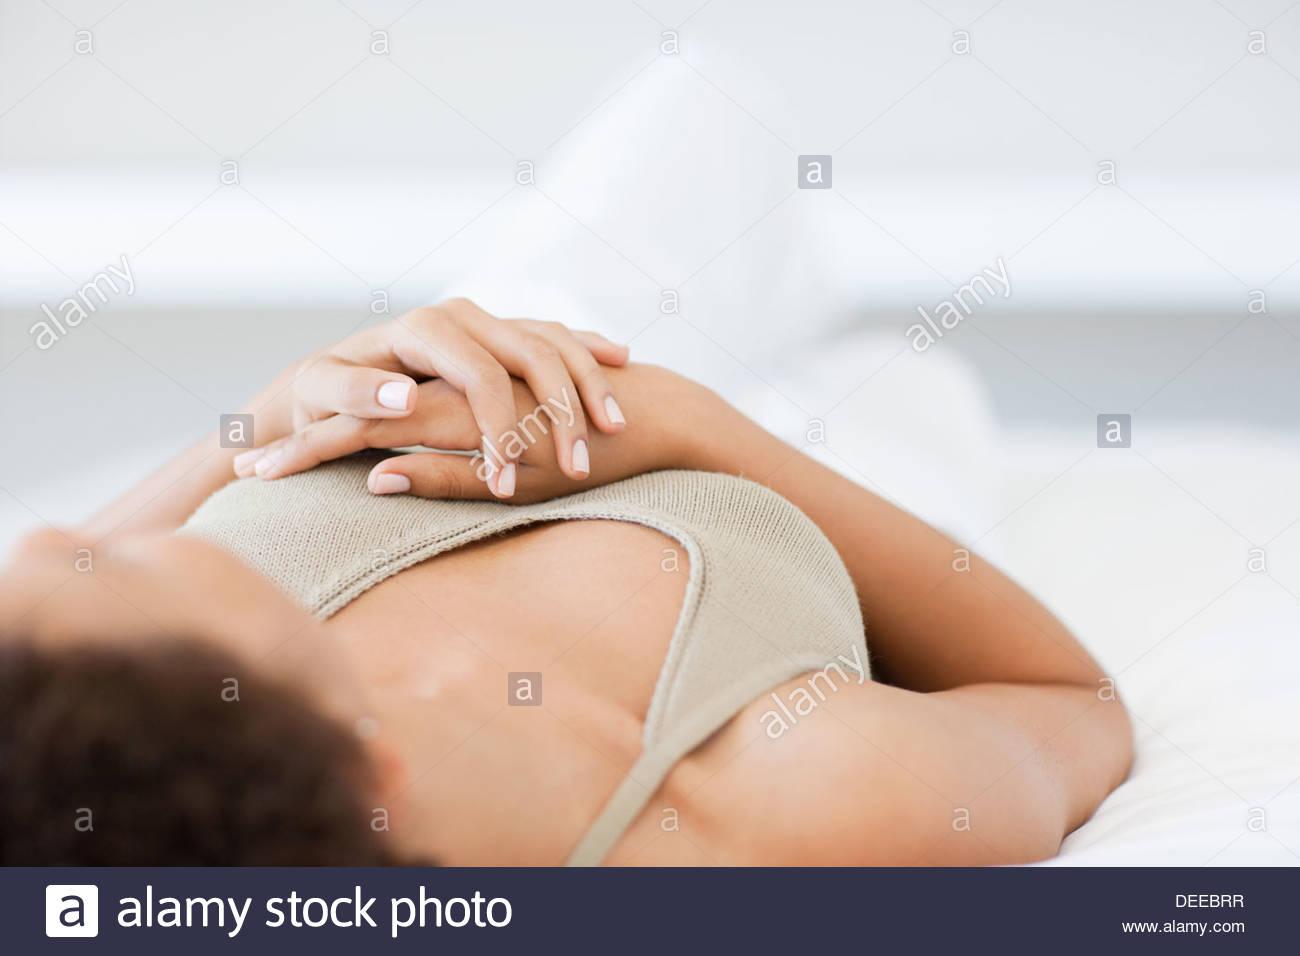 Woman laying on bed praying - Stock Image